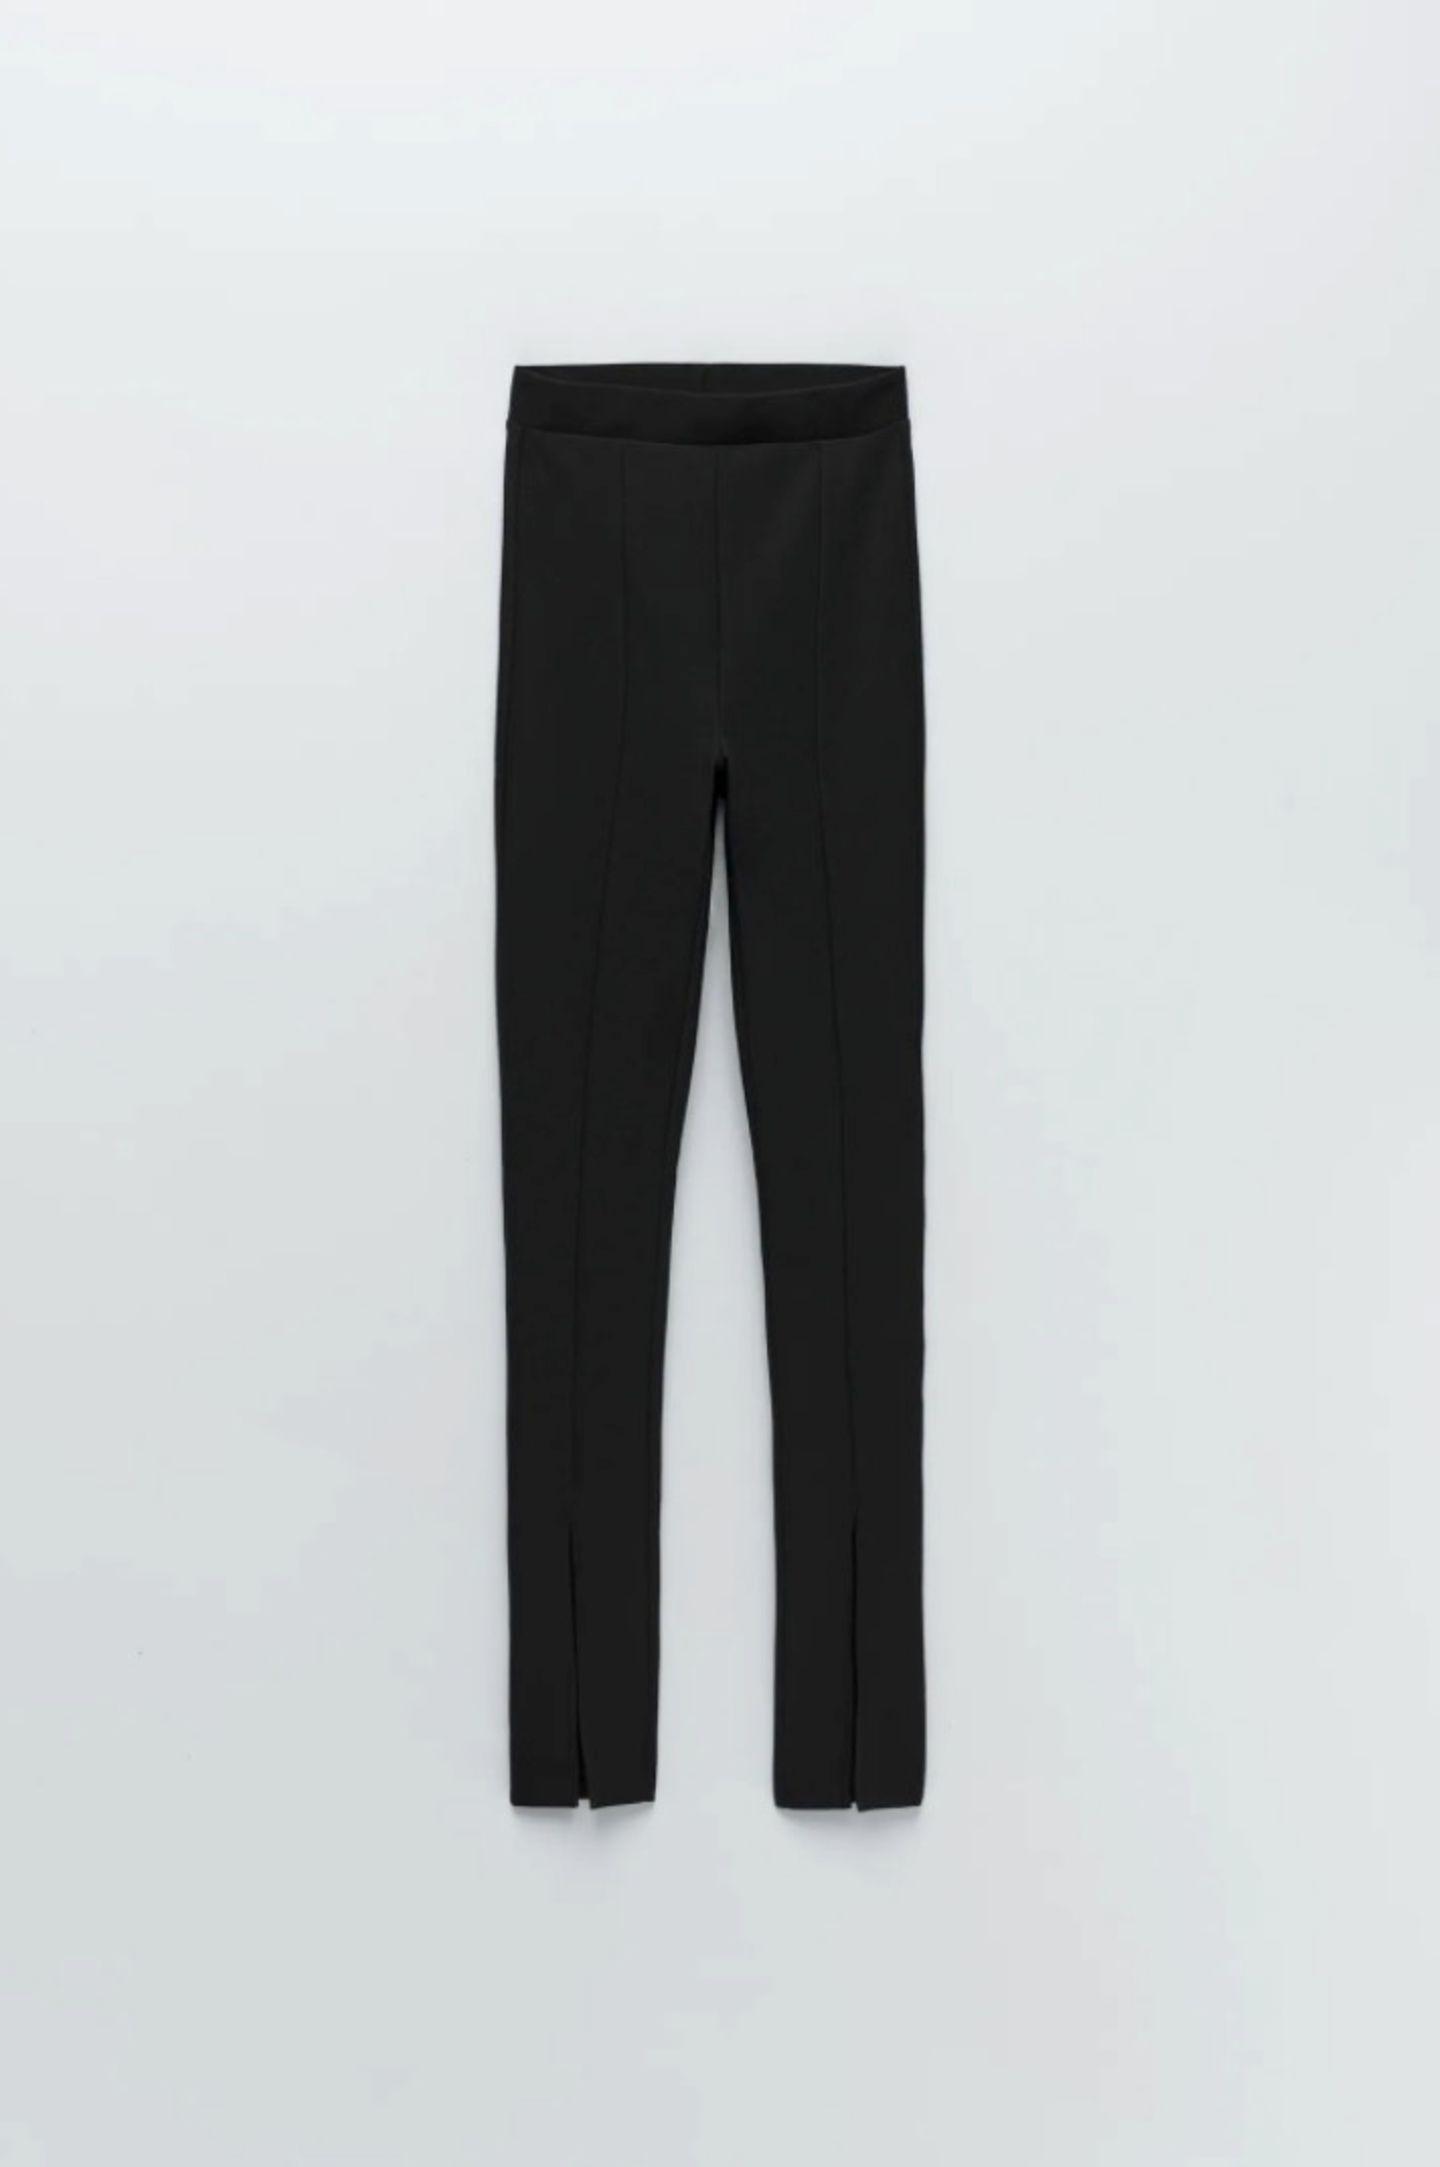 Leggings sind absolute Verwandlungskünstler: Ob mit einem XXL-Blazer oder einem Kleid, sie lassen sich vielfältig kombinieren. Bei mir ist jetzt ein Exemplar mit einem besonderen Twist eingezogen: Der kleine Schlitz vorne am Schienbein sorgt für einen geraden Schnitt, der das Bein optisch streckt und den Schuh in den Fokus setzt. Von Zara, kostet ca. 17 Euro.